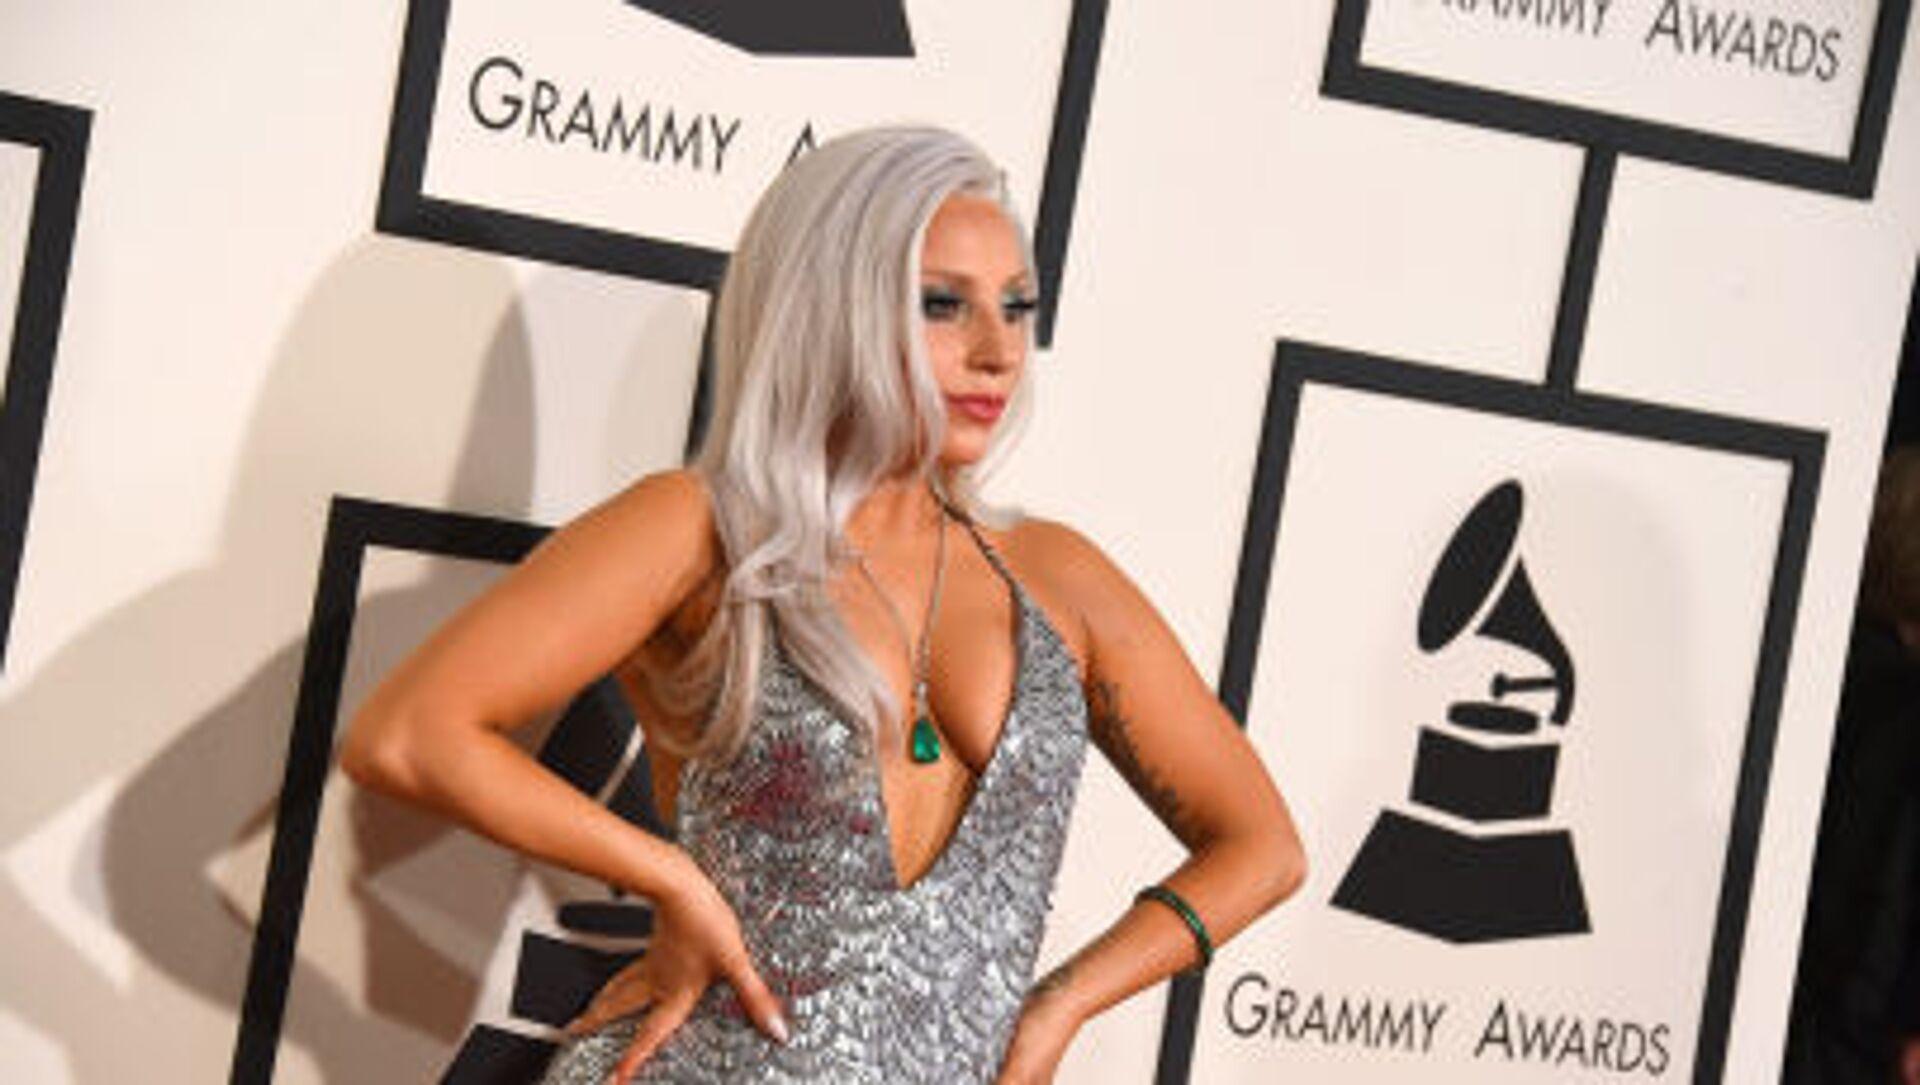 Американская певица Леди Гага в Лос-Анджелесе  - Sputnik Türkiye, 1920, 21.05.2021